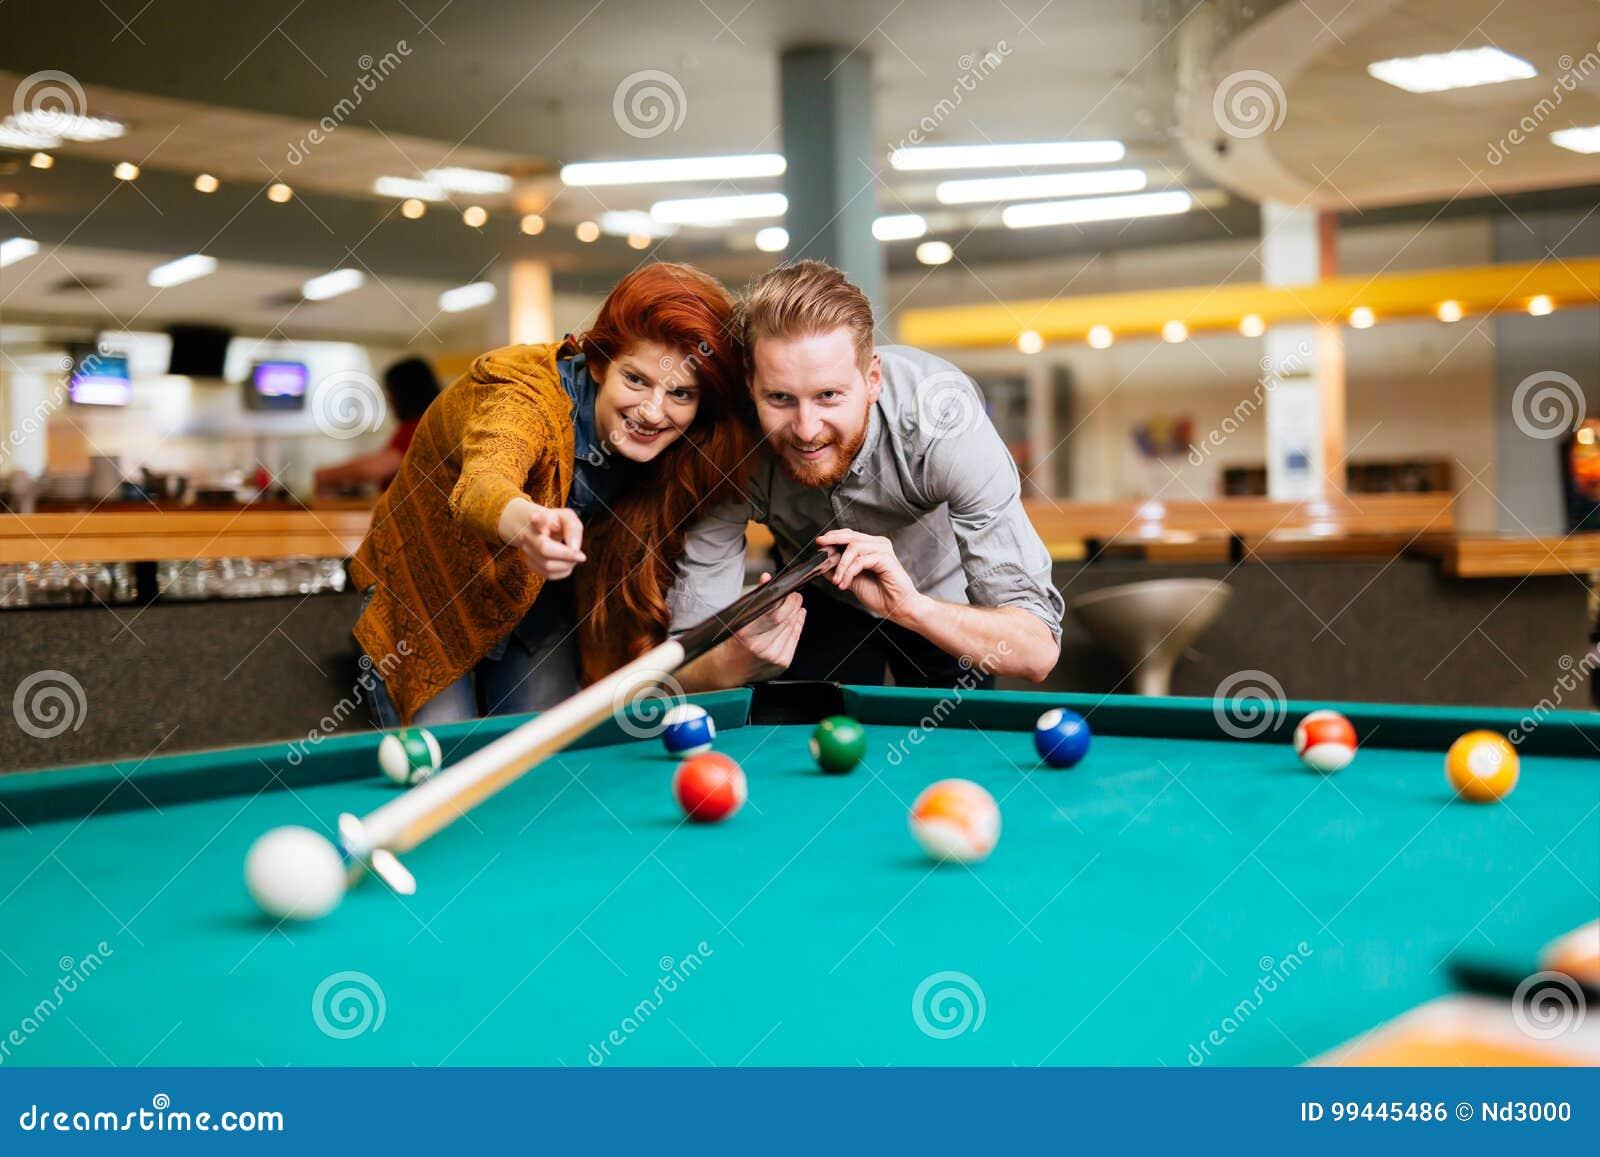 Datazione delle coppie e snooker di gioco